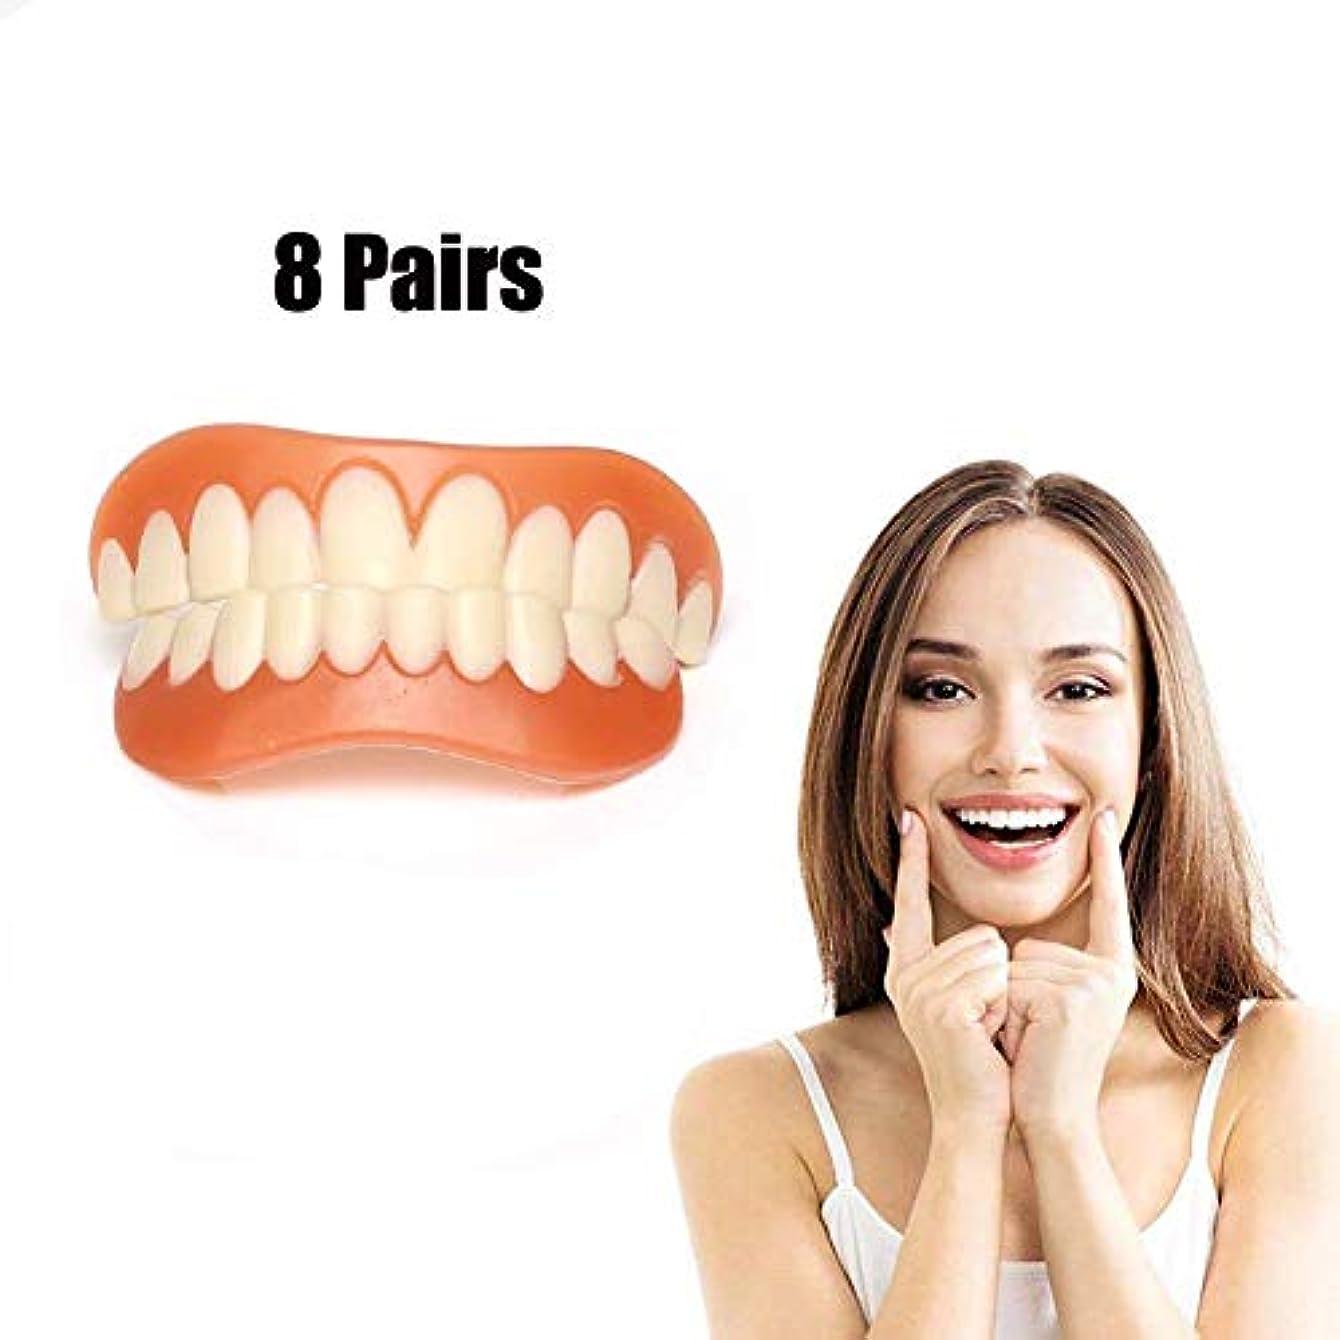 衛星くそー流産8組安全なベニヤ歯、インスタント笑顔の快適さ修正義歯を白くする偽の歯 - ワンサイズフィット(下+上)